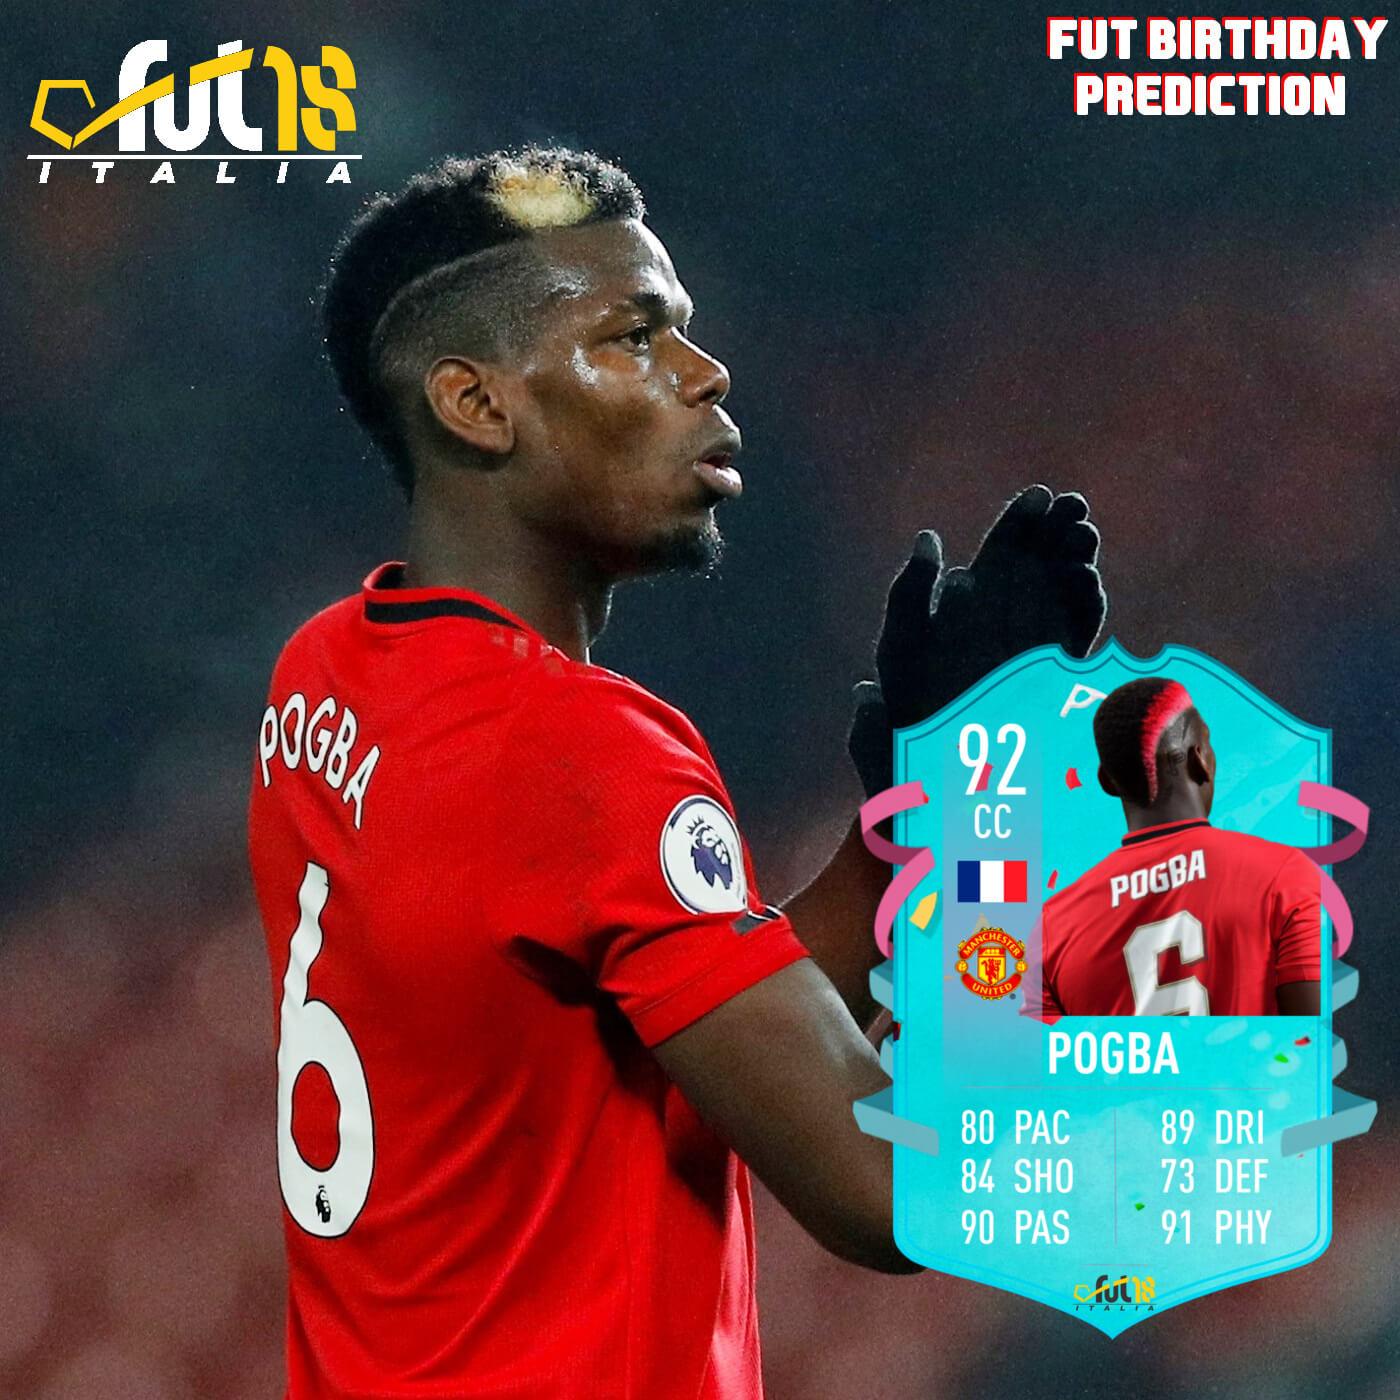 FIFA 20: Pogba FUT birthday prediction